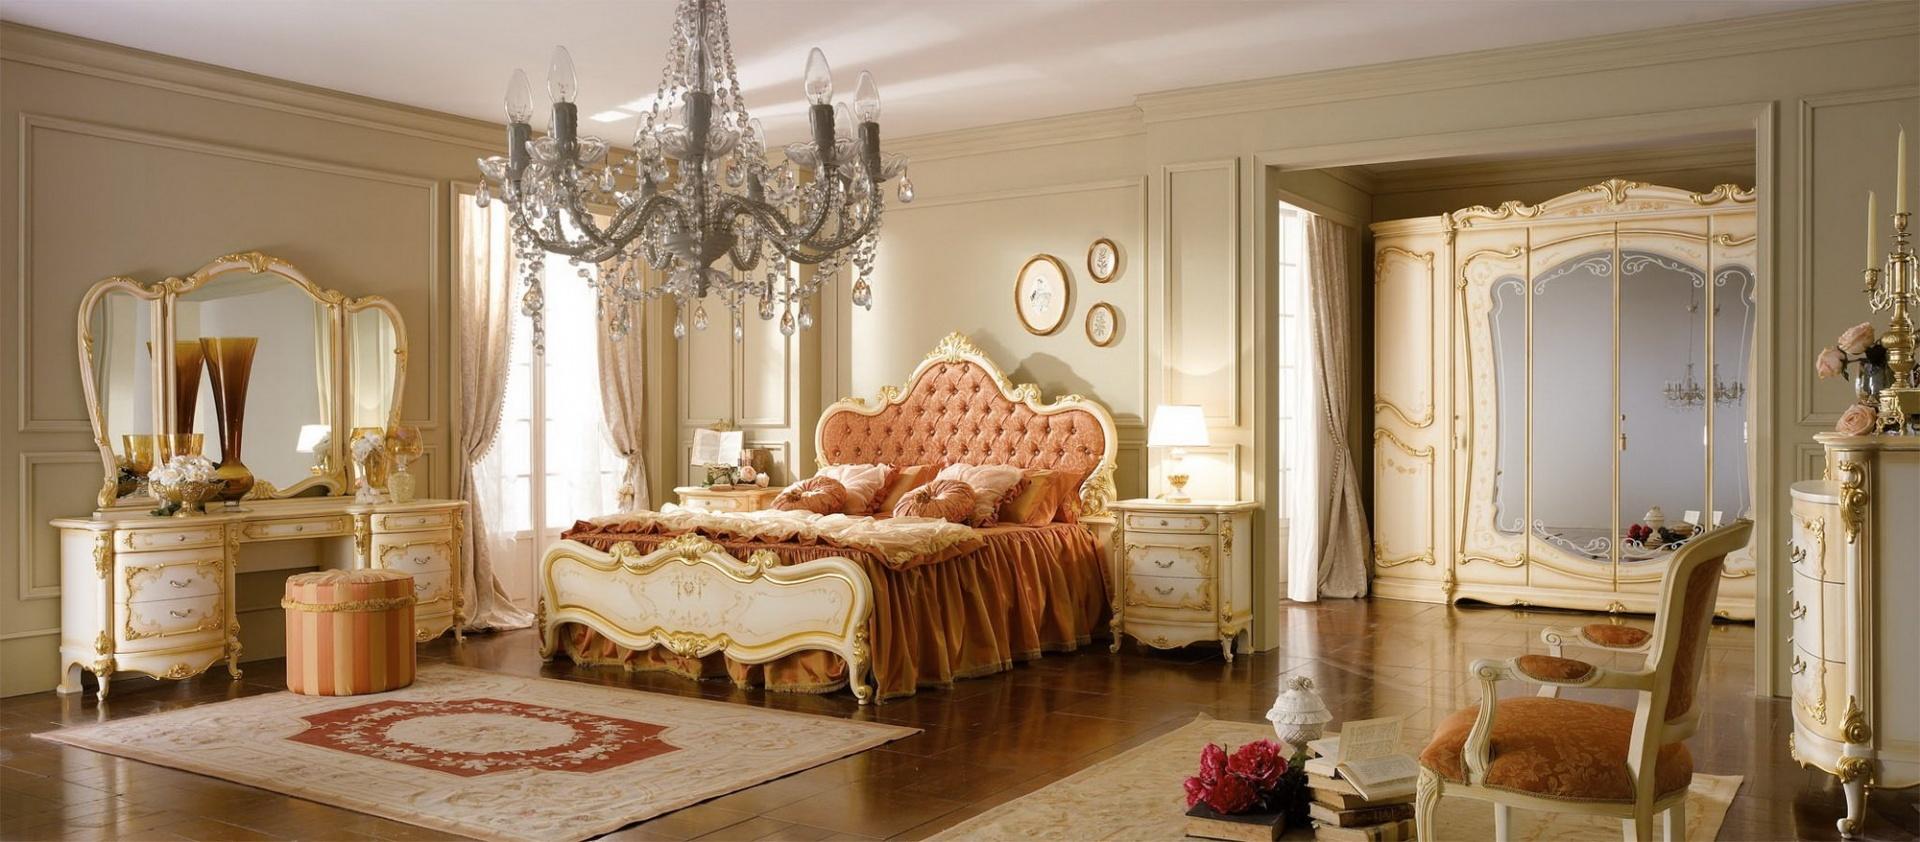 Royal спальный гарнитур IM587